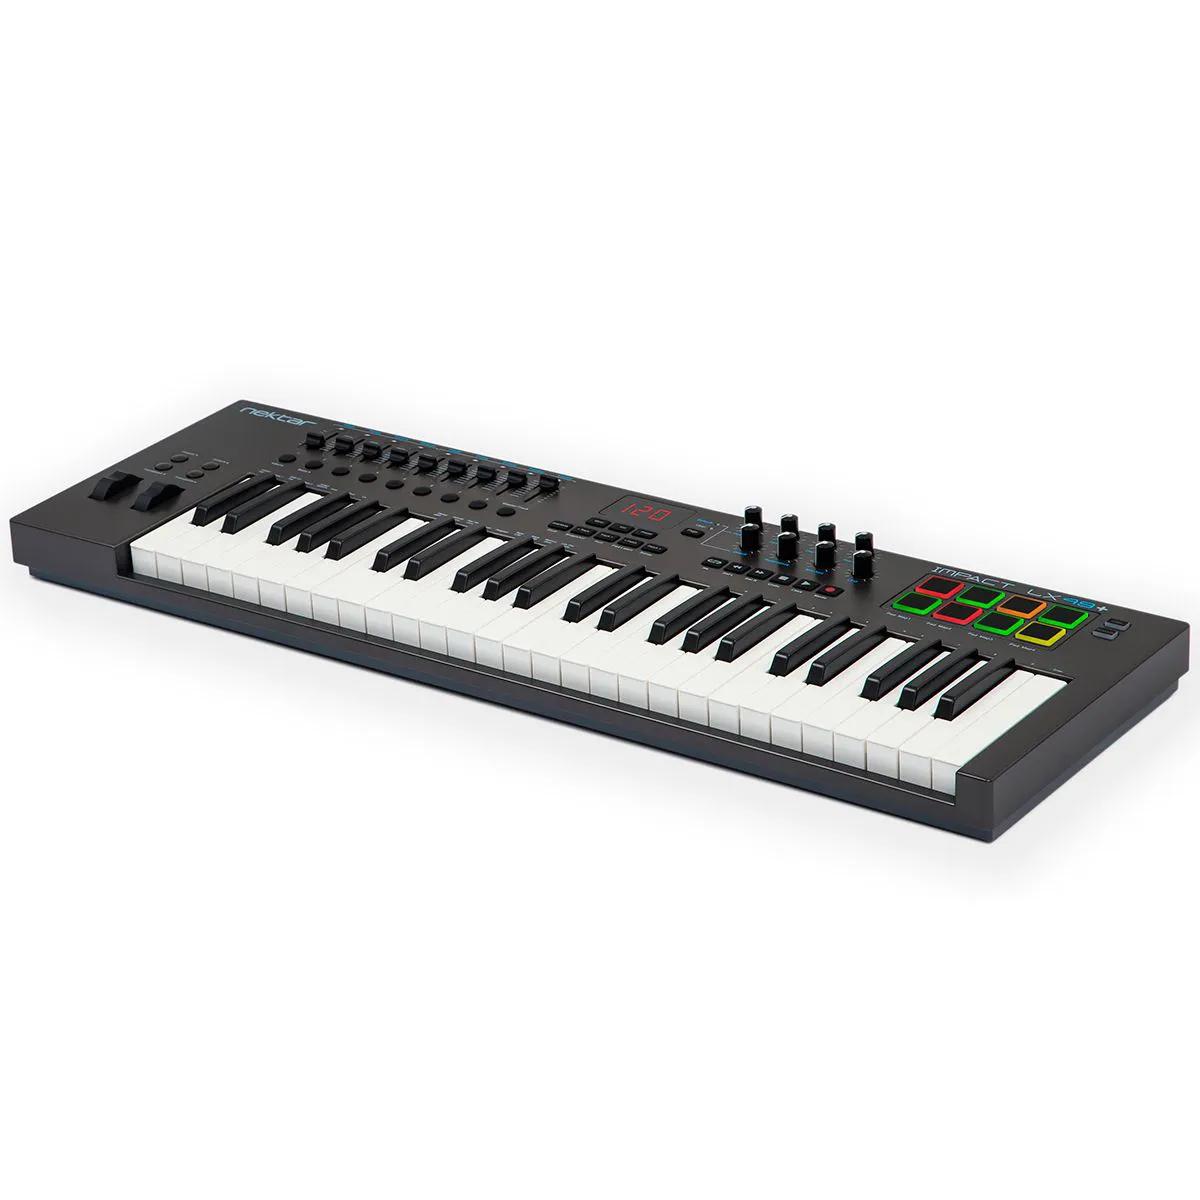 Teclado Controlador Nektar Impact LX49+ MIDI USB 49 Teclas